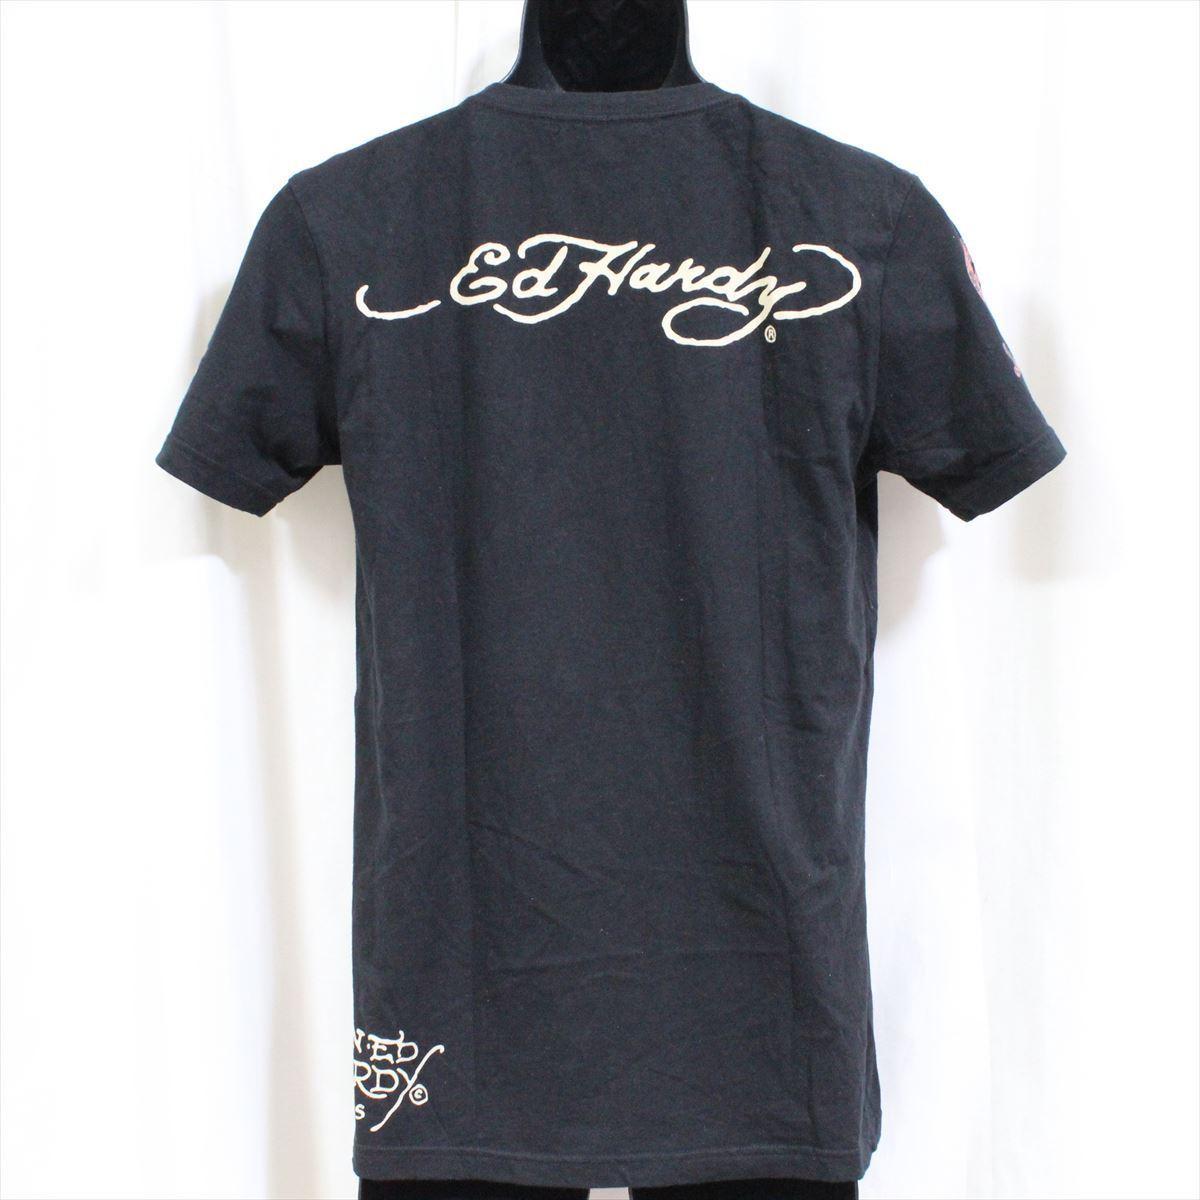 エドハーディー ED HARDY メンズ半袖Tシャツ ブラック Mサイズ 新品 黒 Vネック M02BMV554_画像3